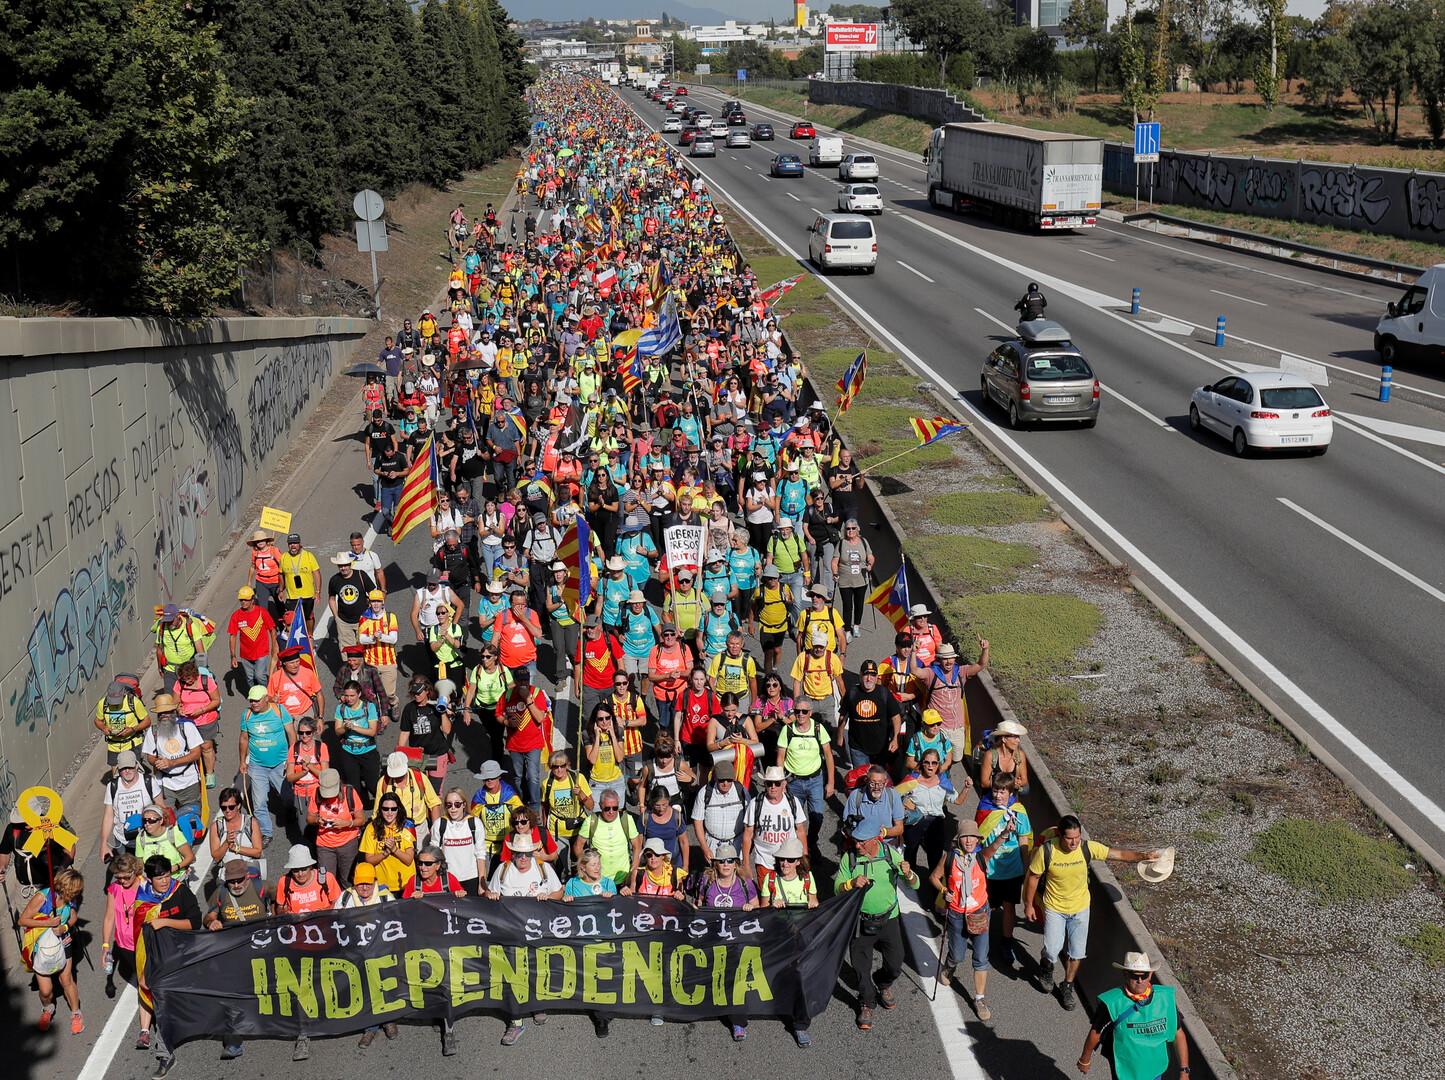 على خلفية احتجاجات غاضبة.. زعيم كتالونيا يدعو لاستفتاء انفصال جديد